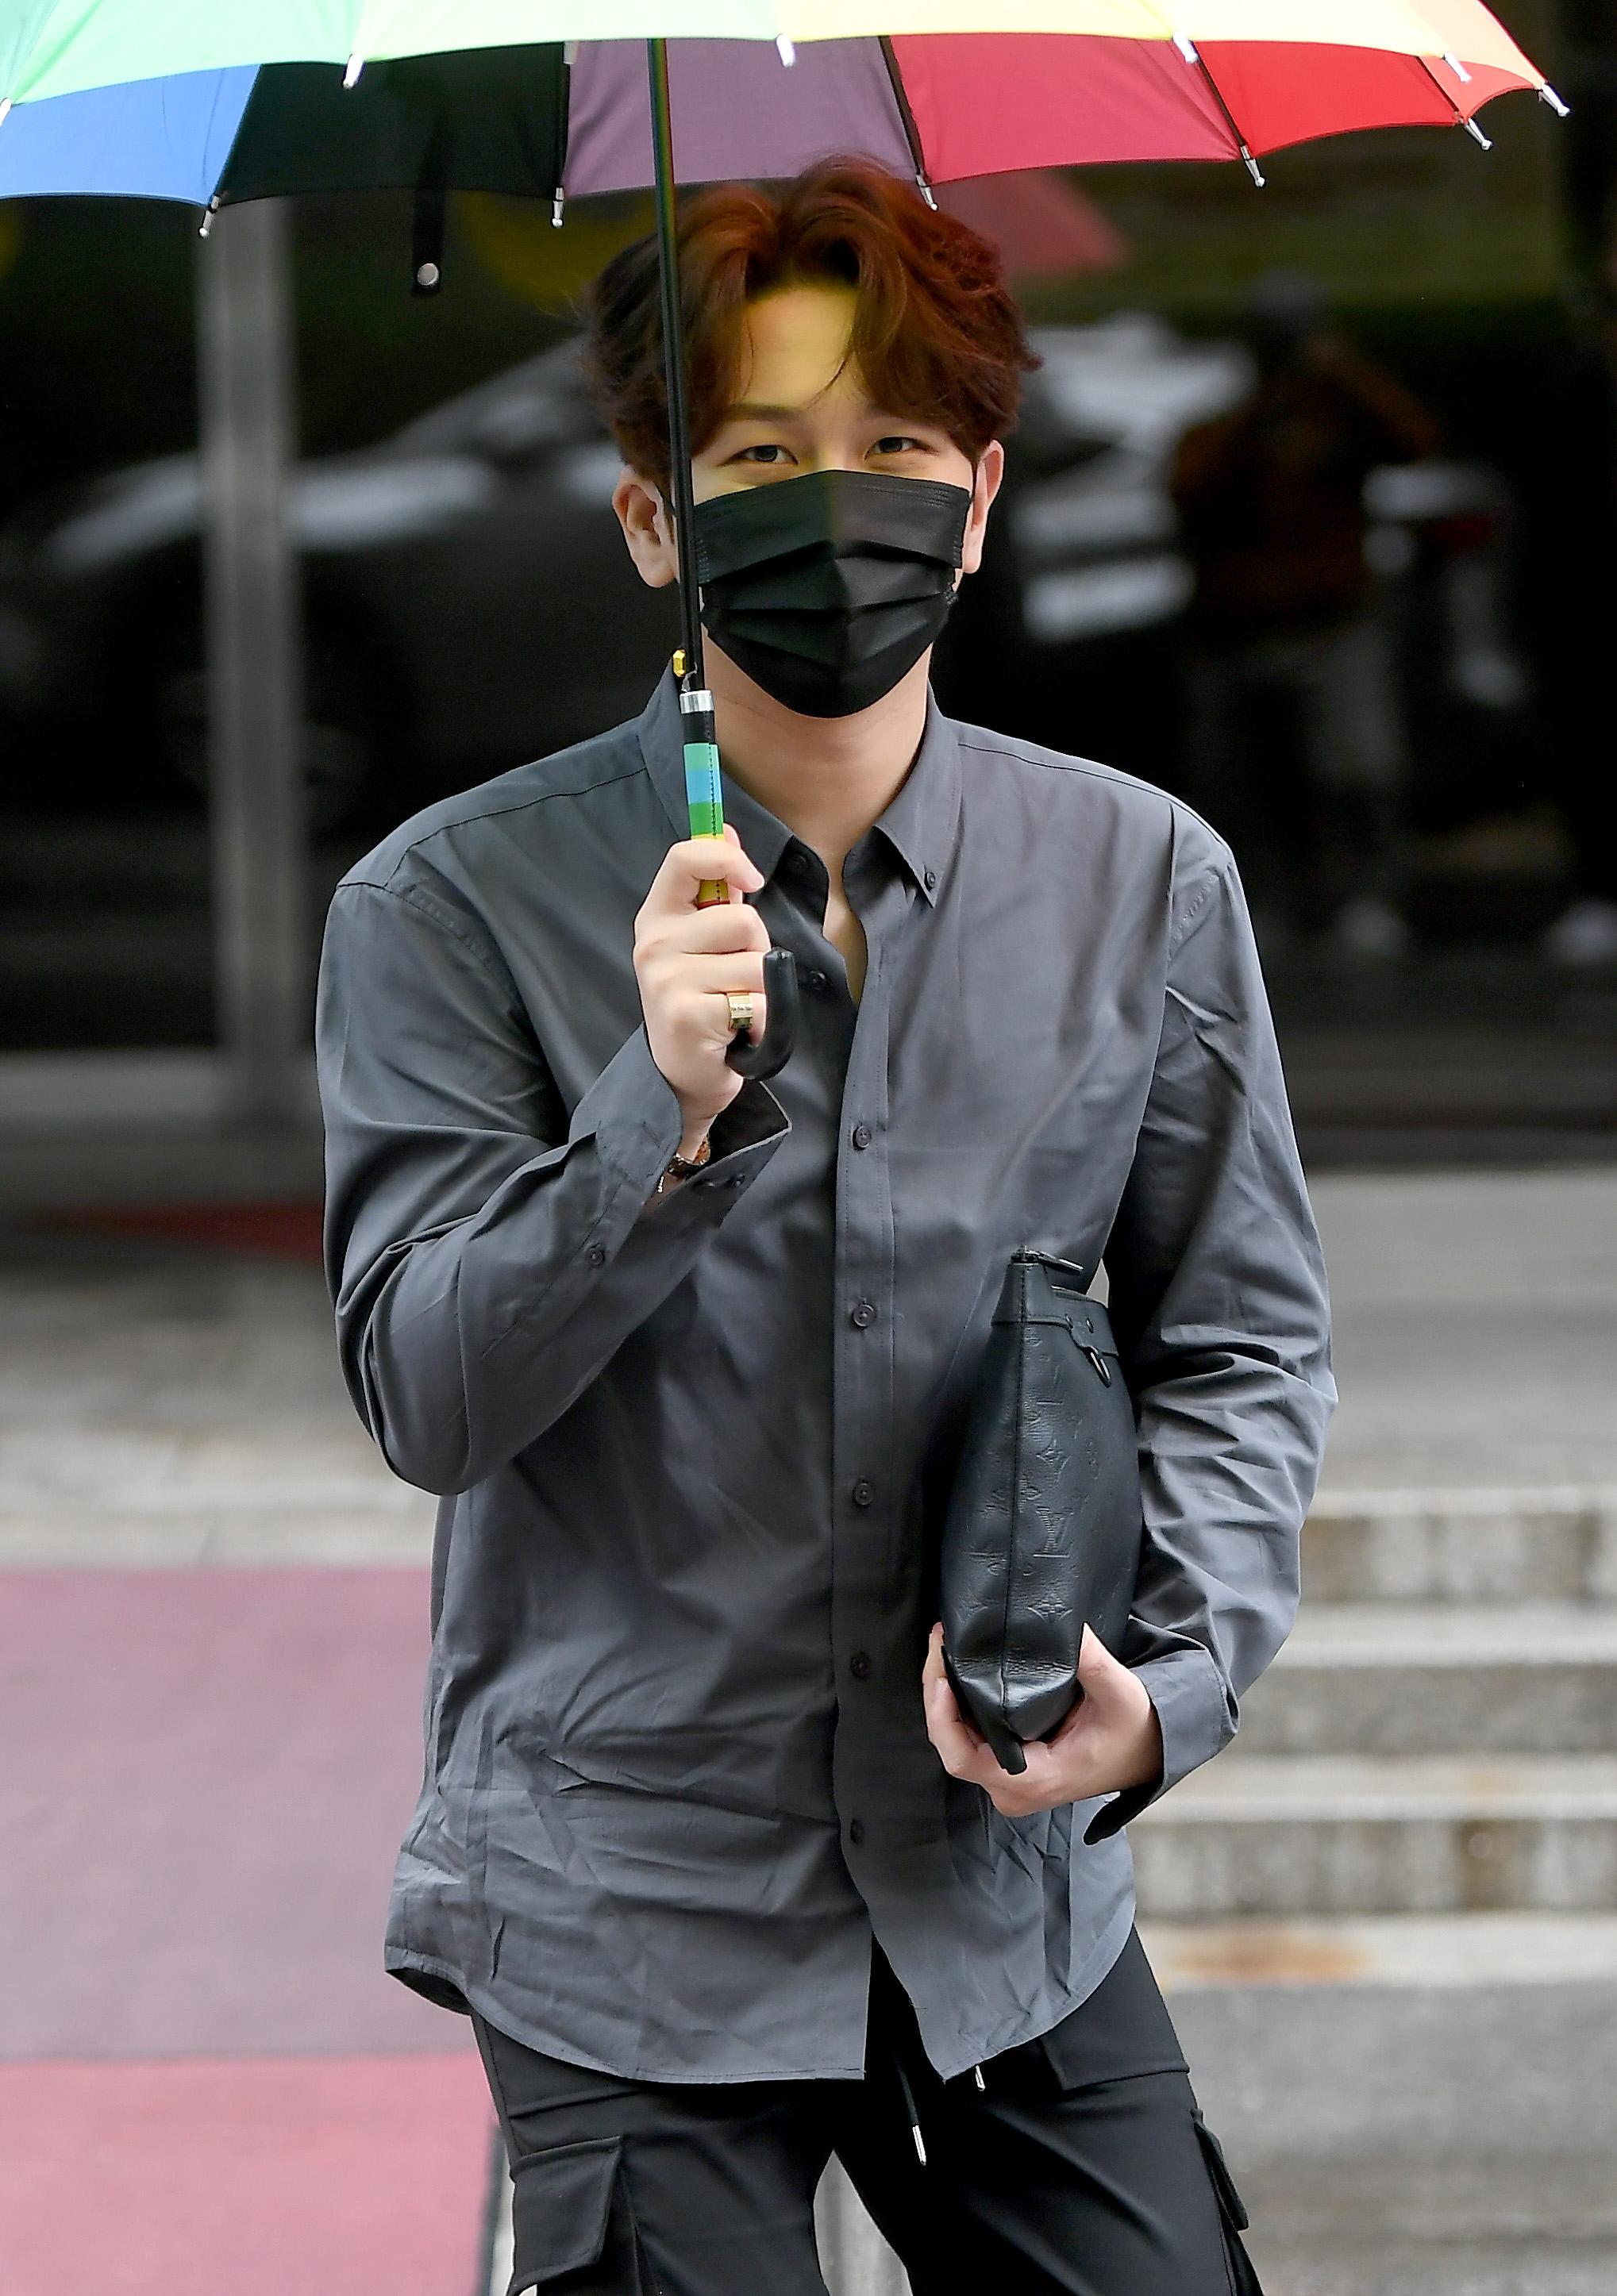 """김수찬 """"뮤직케이가 준 정산표, 빚만 늘어갔다"""" (전문)"""